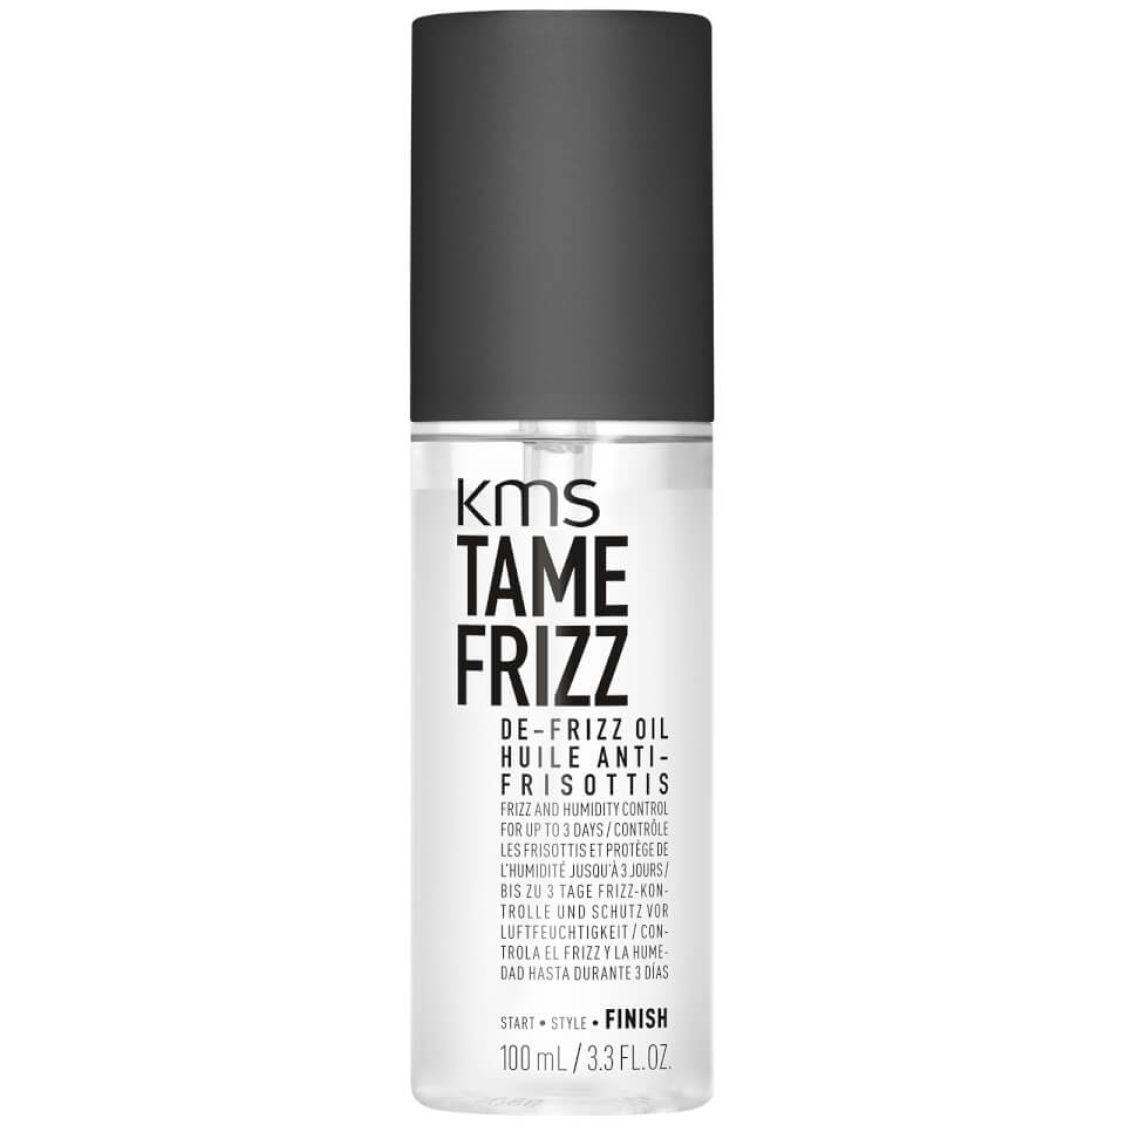 KMS - Tame Frizz De-Frizz Oil 100ml